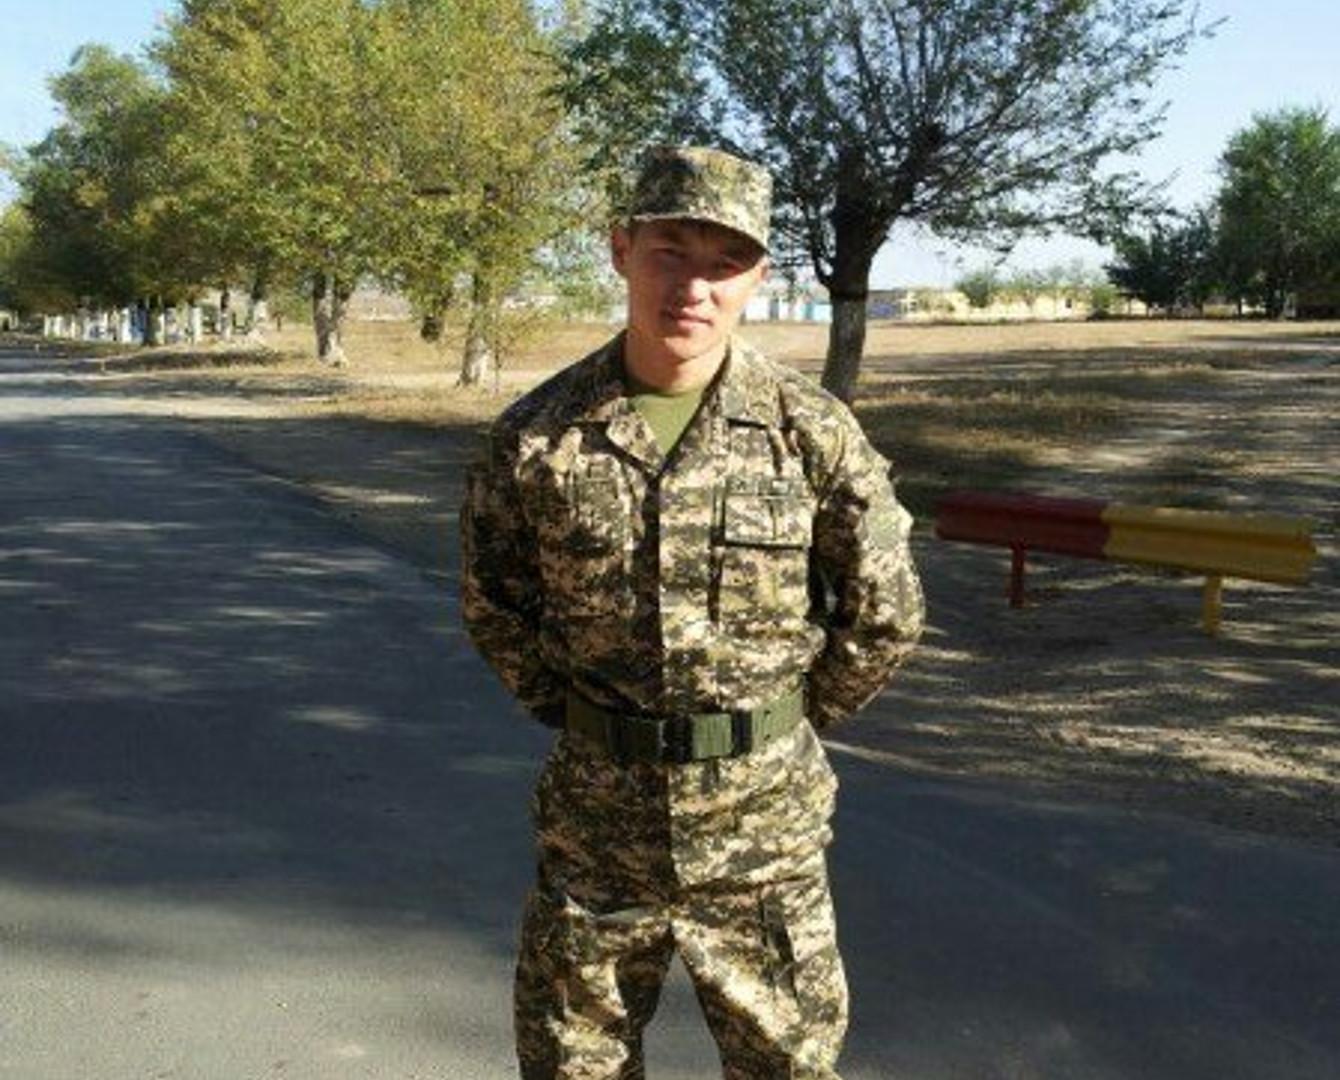 Военнослужащий спас трех девушек при пожаре в Алматы